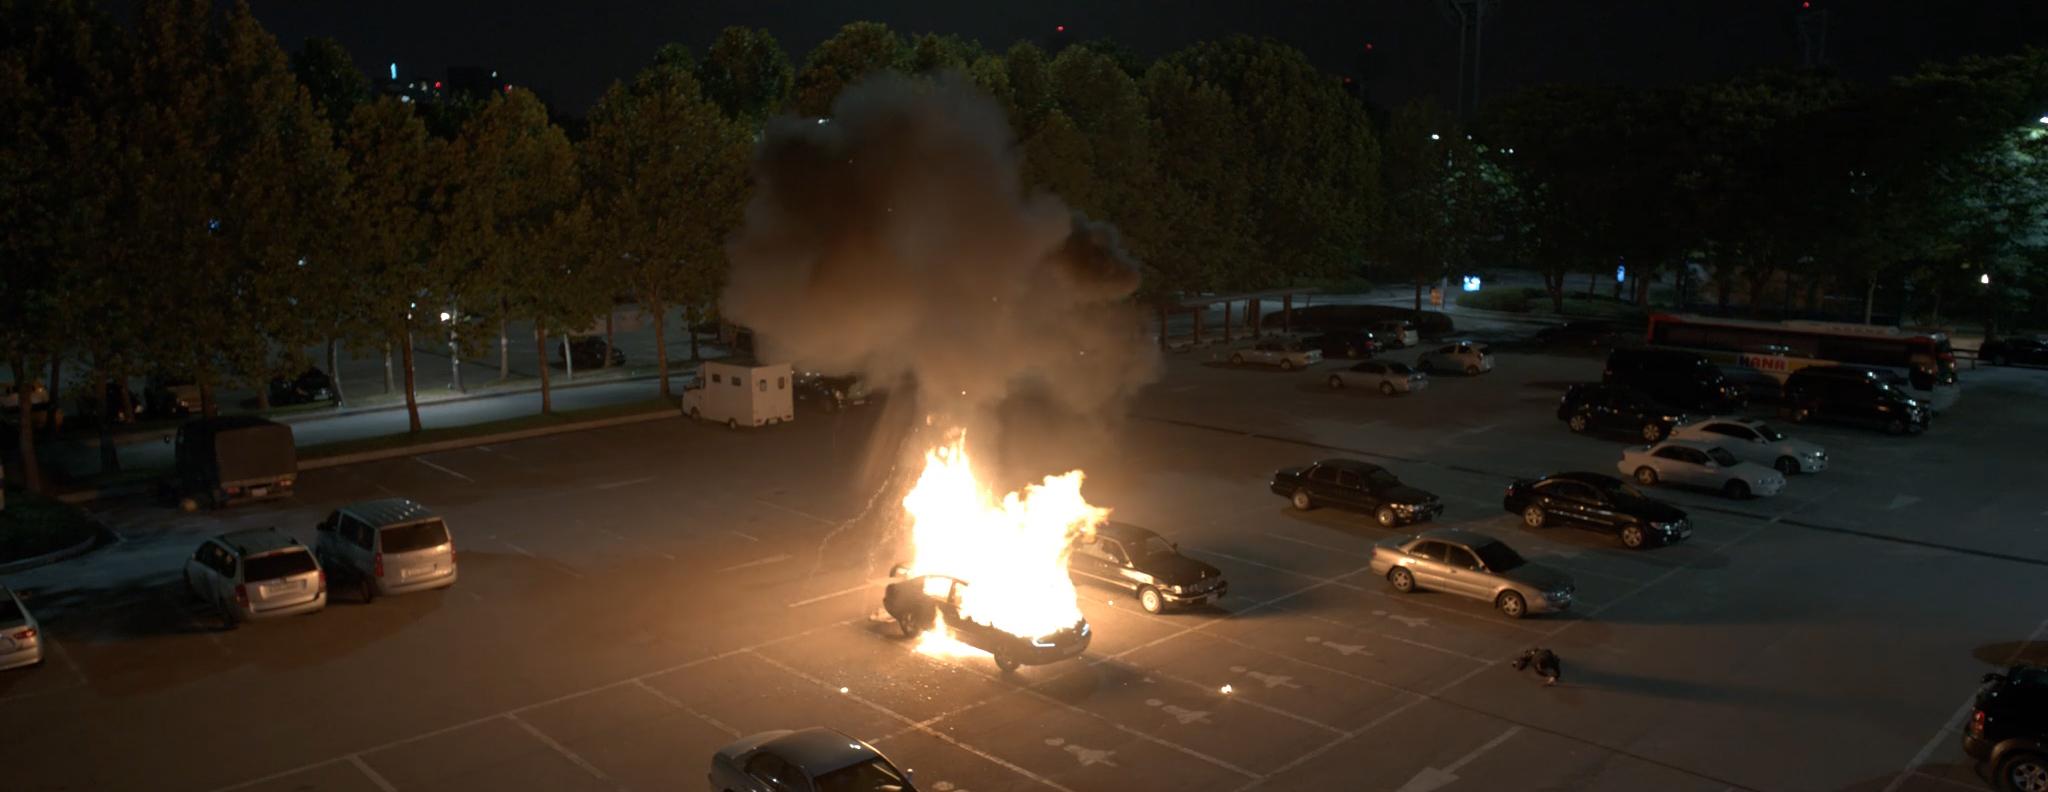 After (fire FX)